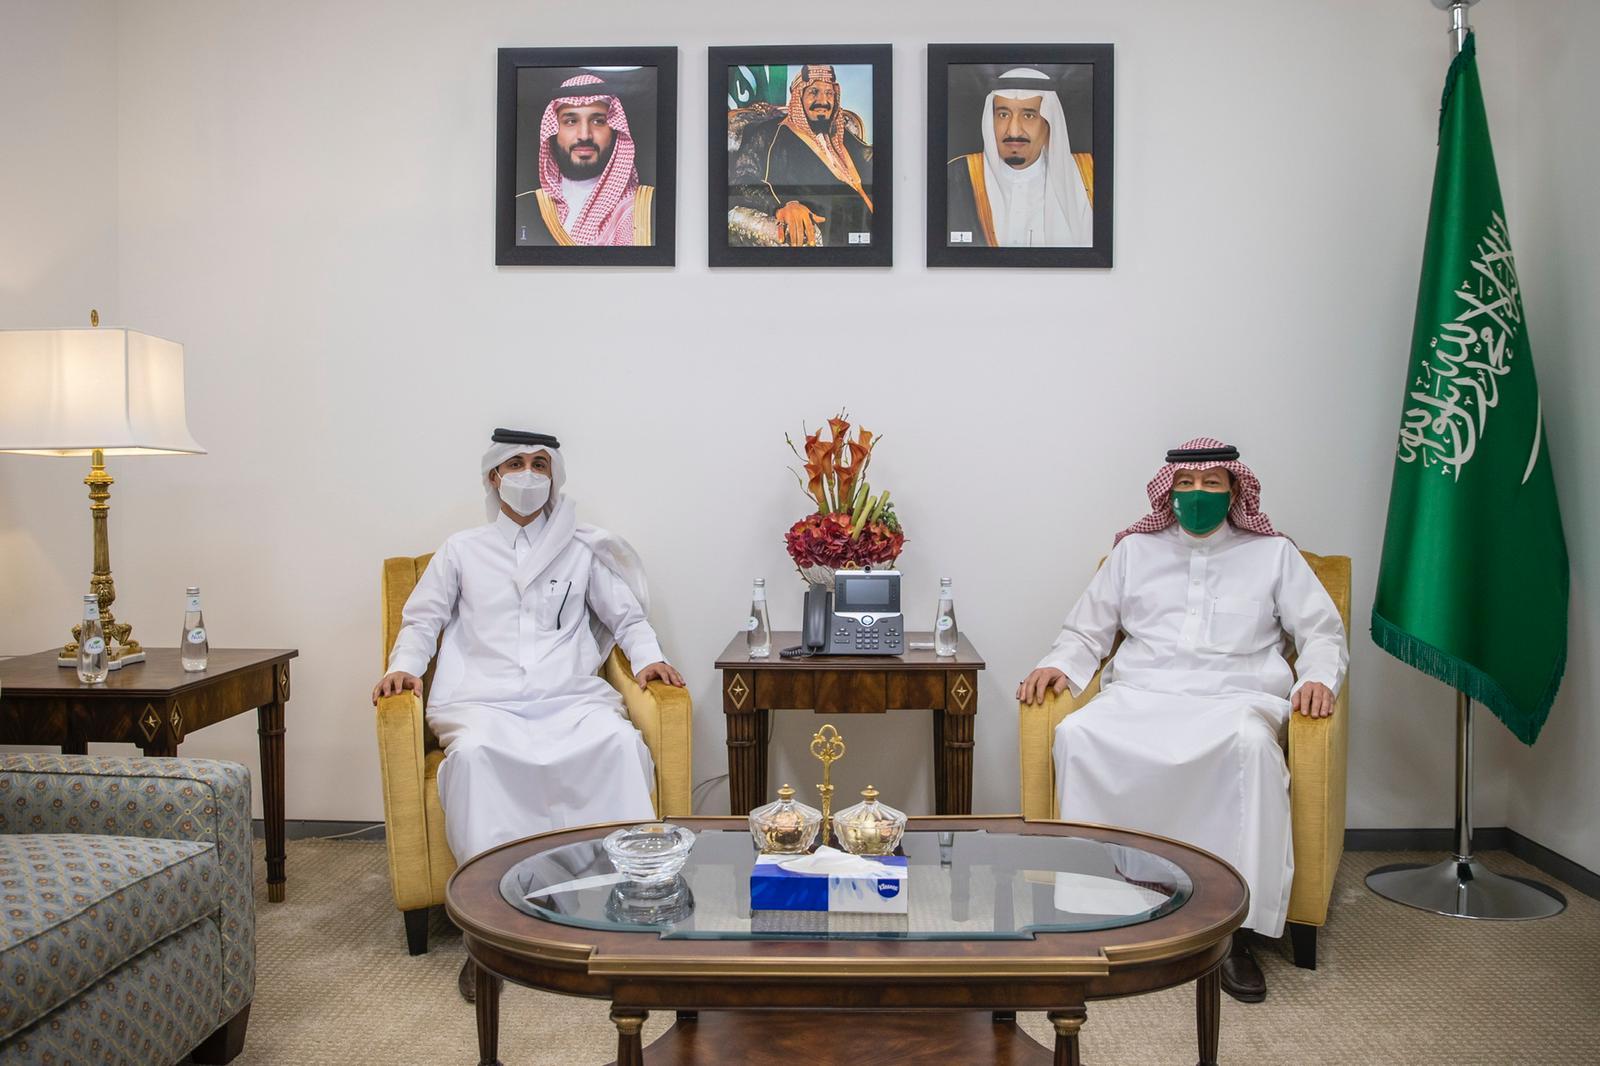 رسالة من نائب رئيس مجلس الوزراء وزير الخارجية إلى وزير الخارجية السعودي